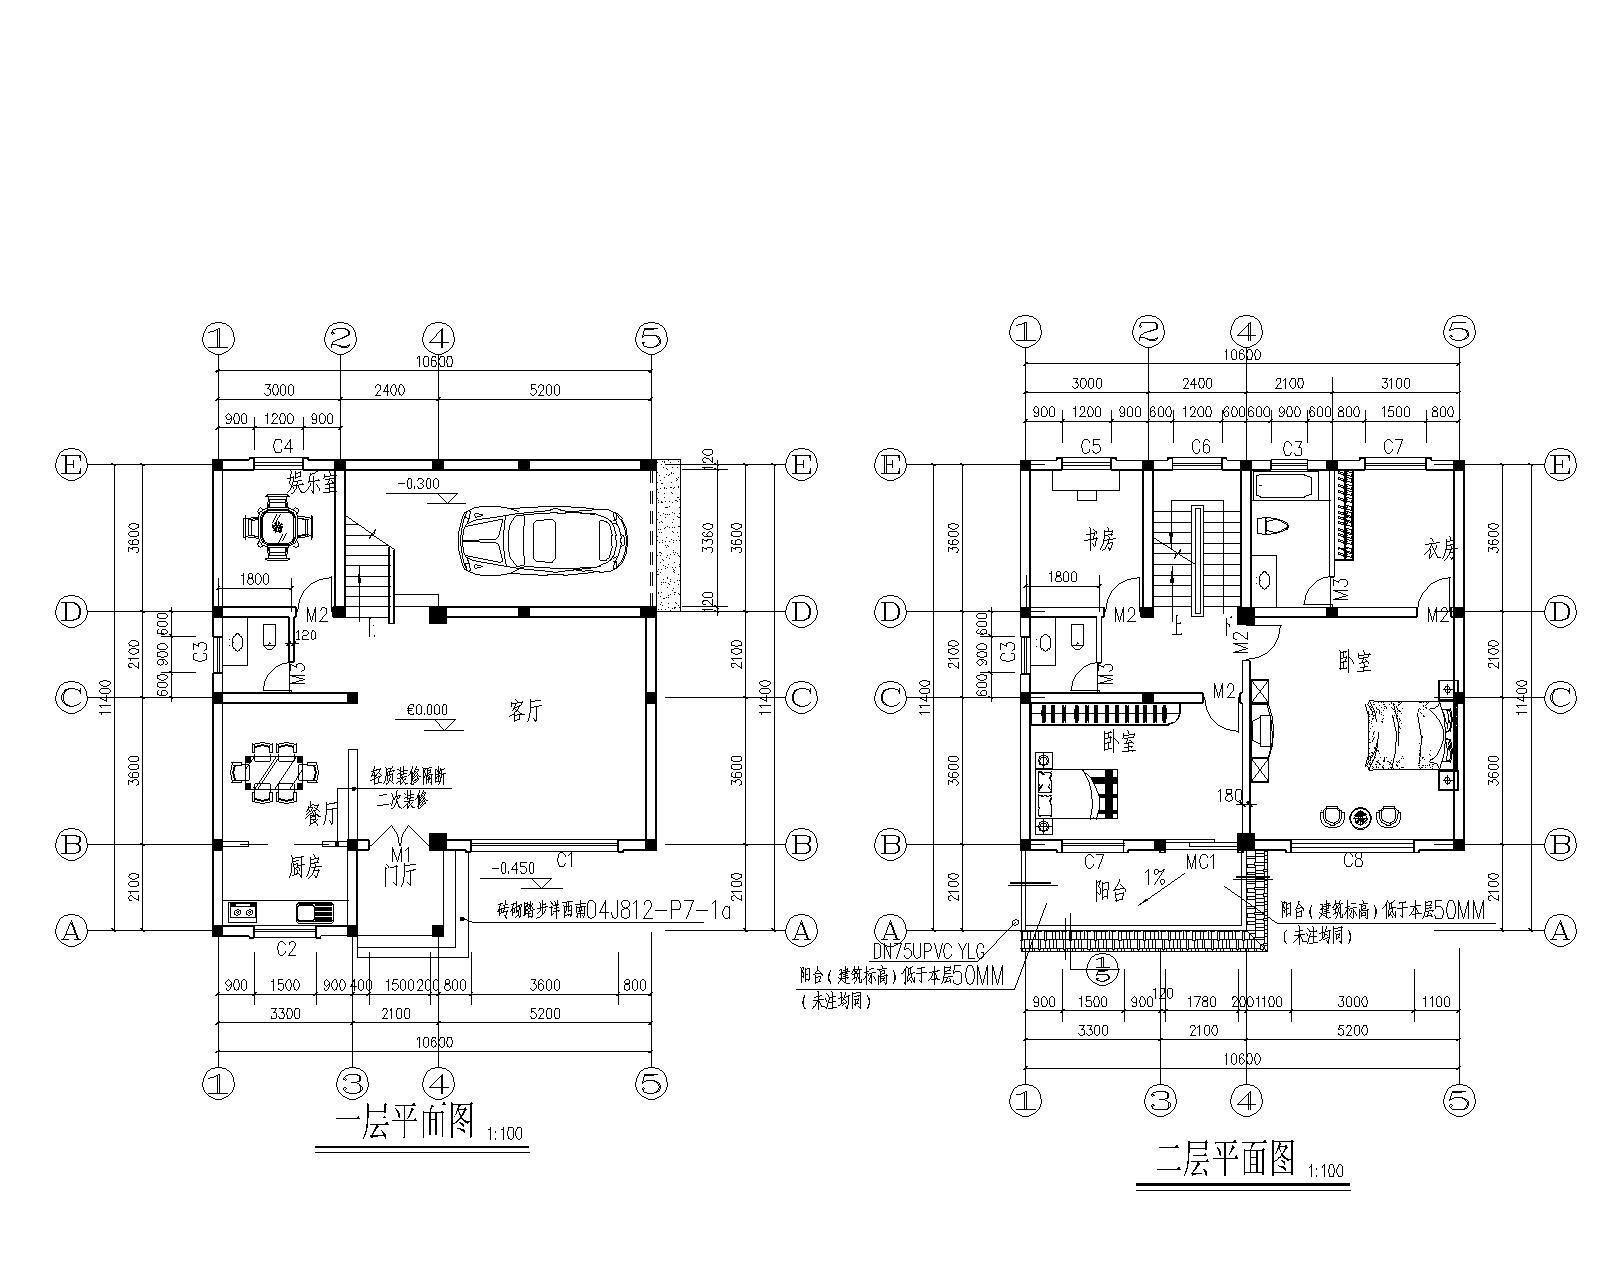 三间两层楼房设计图纸